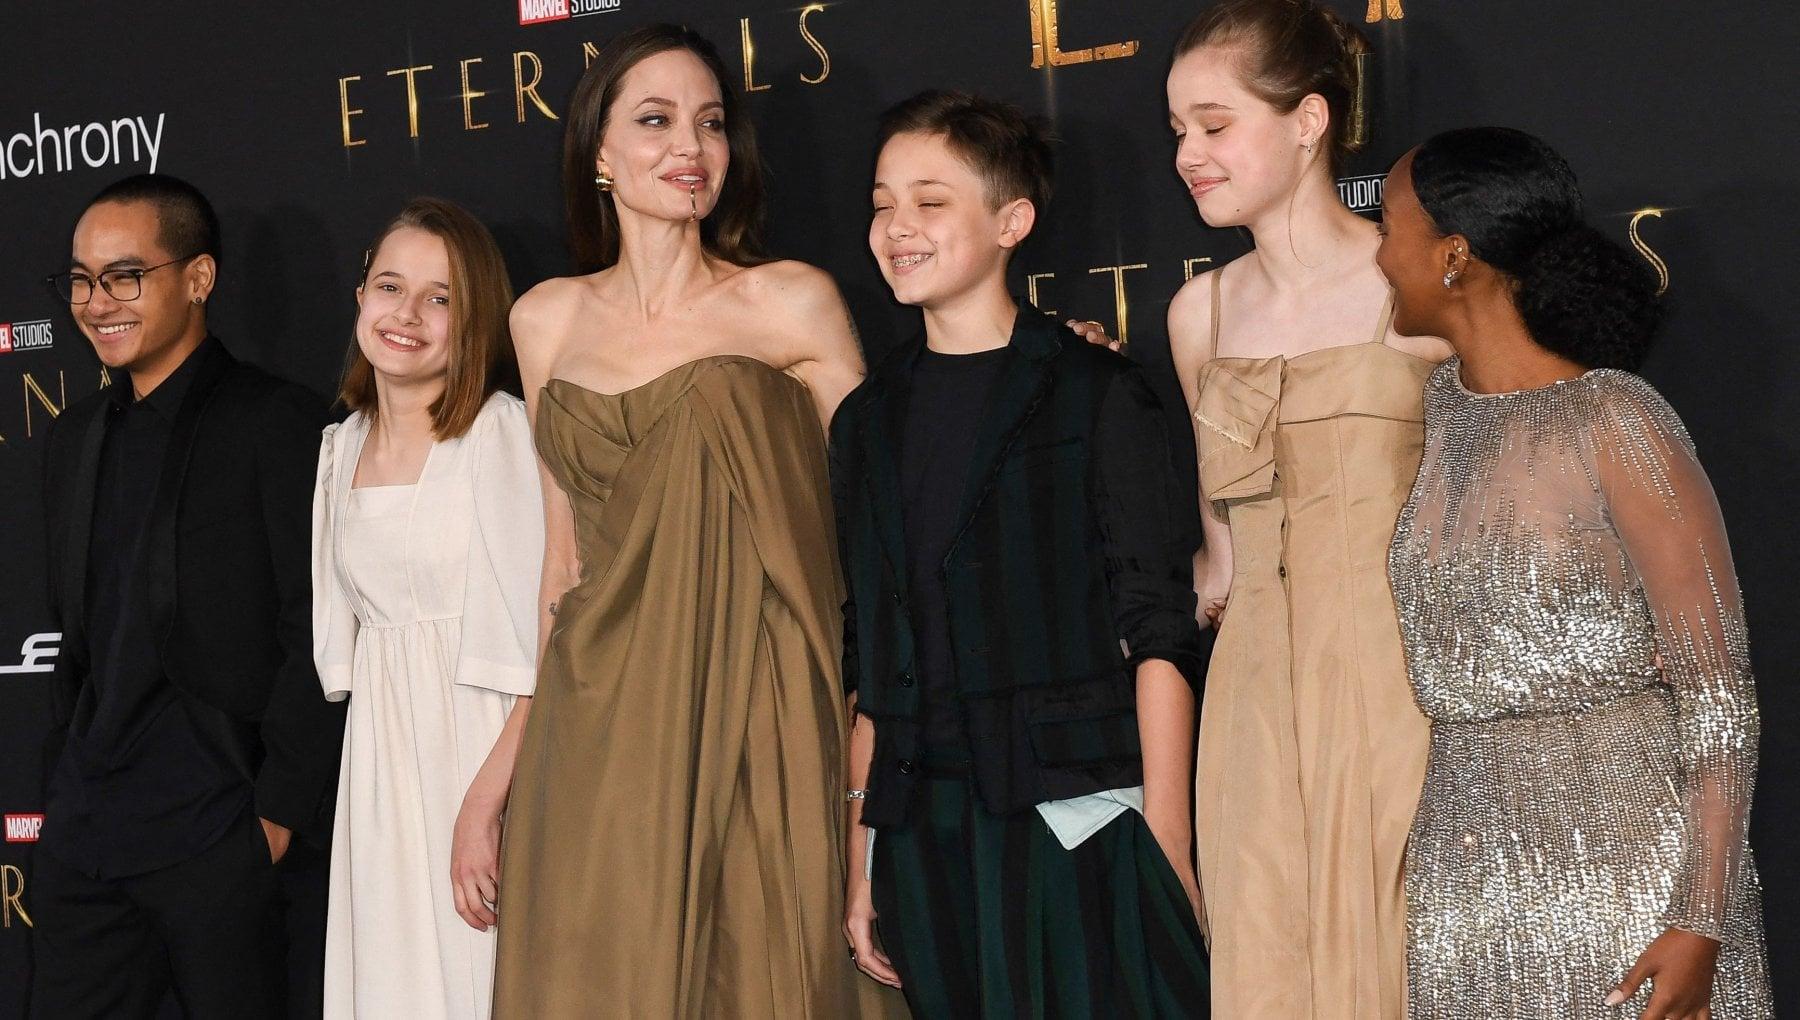 Il gioiello piercing di Angelina Jolie, labito vintage di Zahara e la scelta di Shiloh